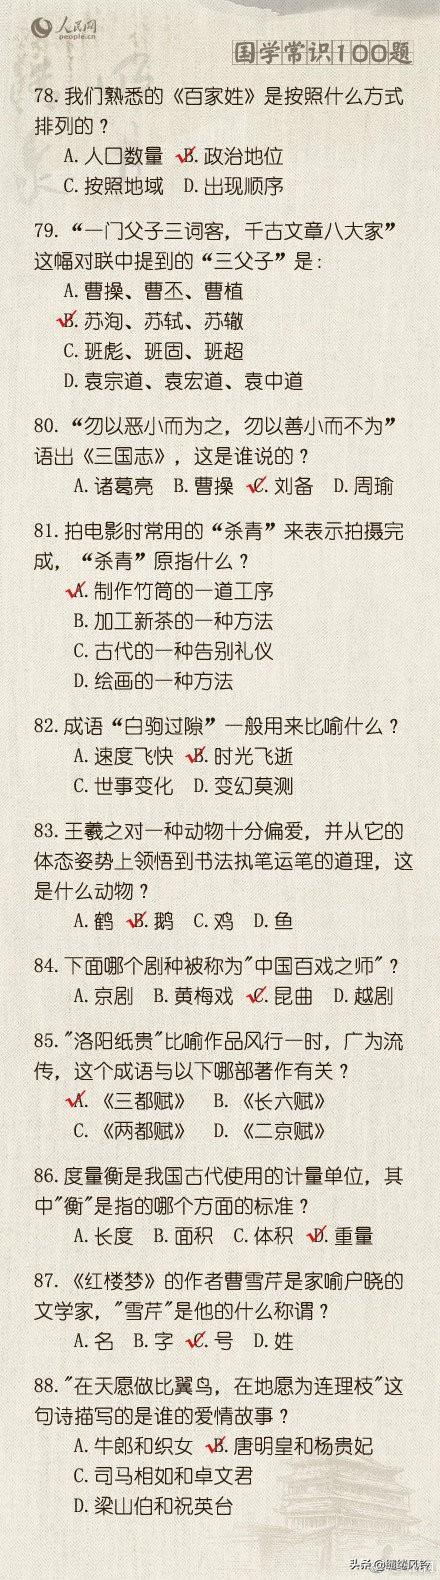 《人民网》整理国学常识100题,不看答案,你能答对几题?